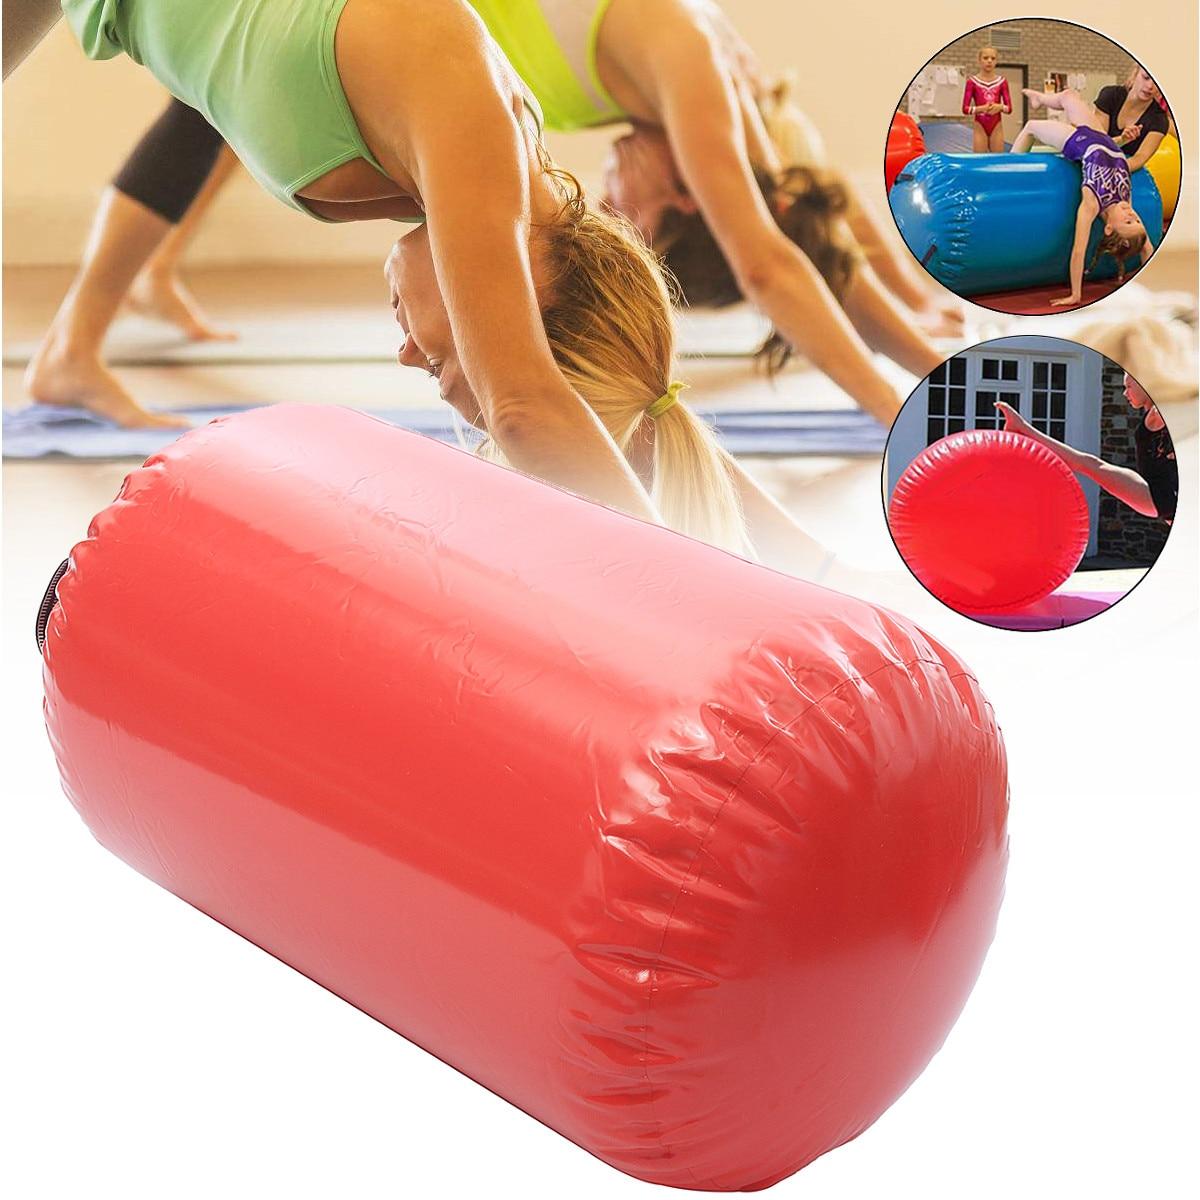 Gofun AirTrack Air cylindre Tumbling piste gymnastique exercice colonne gonflable Gym inversé Backflip entraînement enfants en sécurité - 5